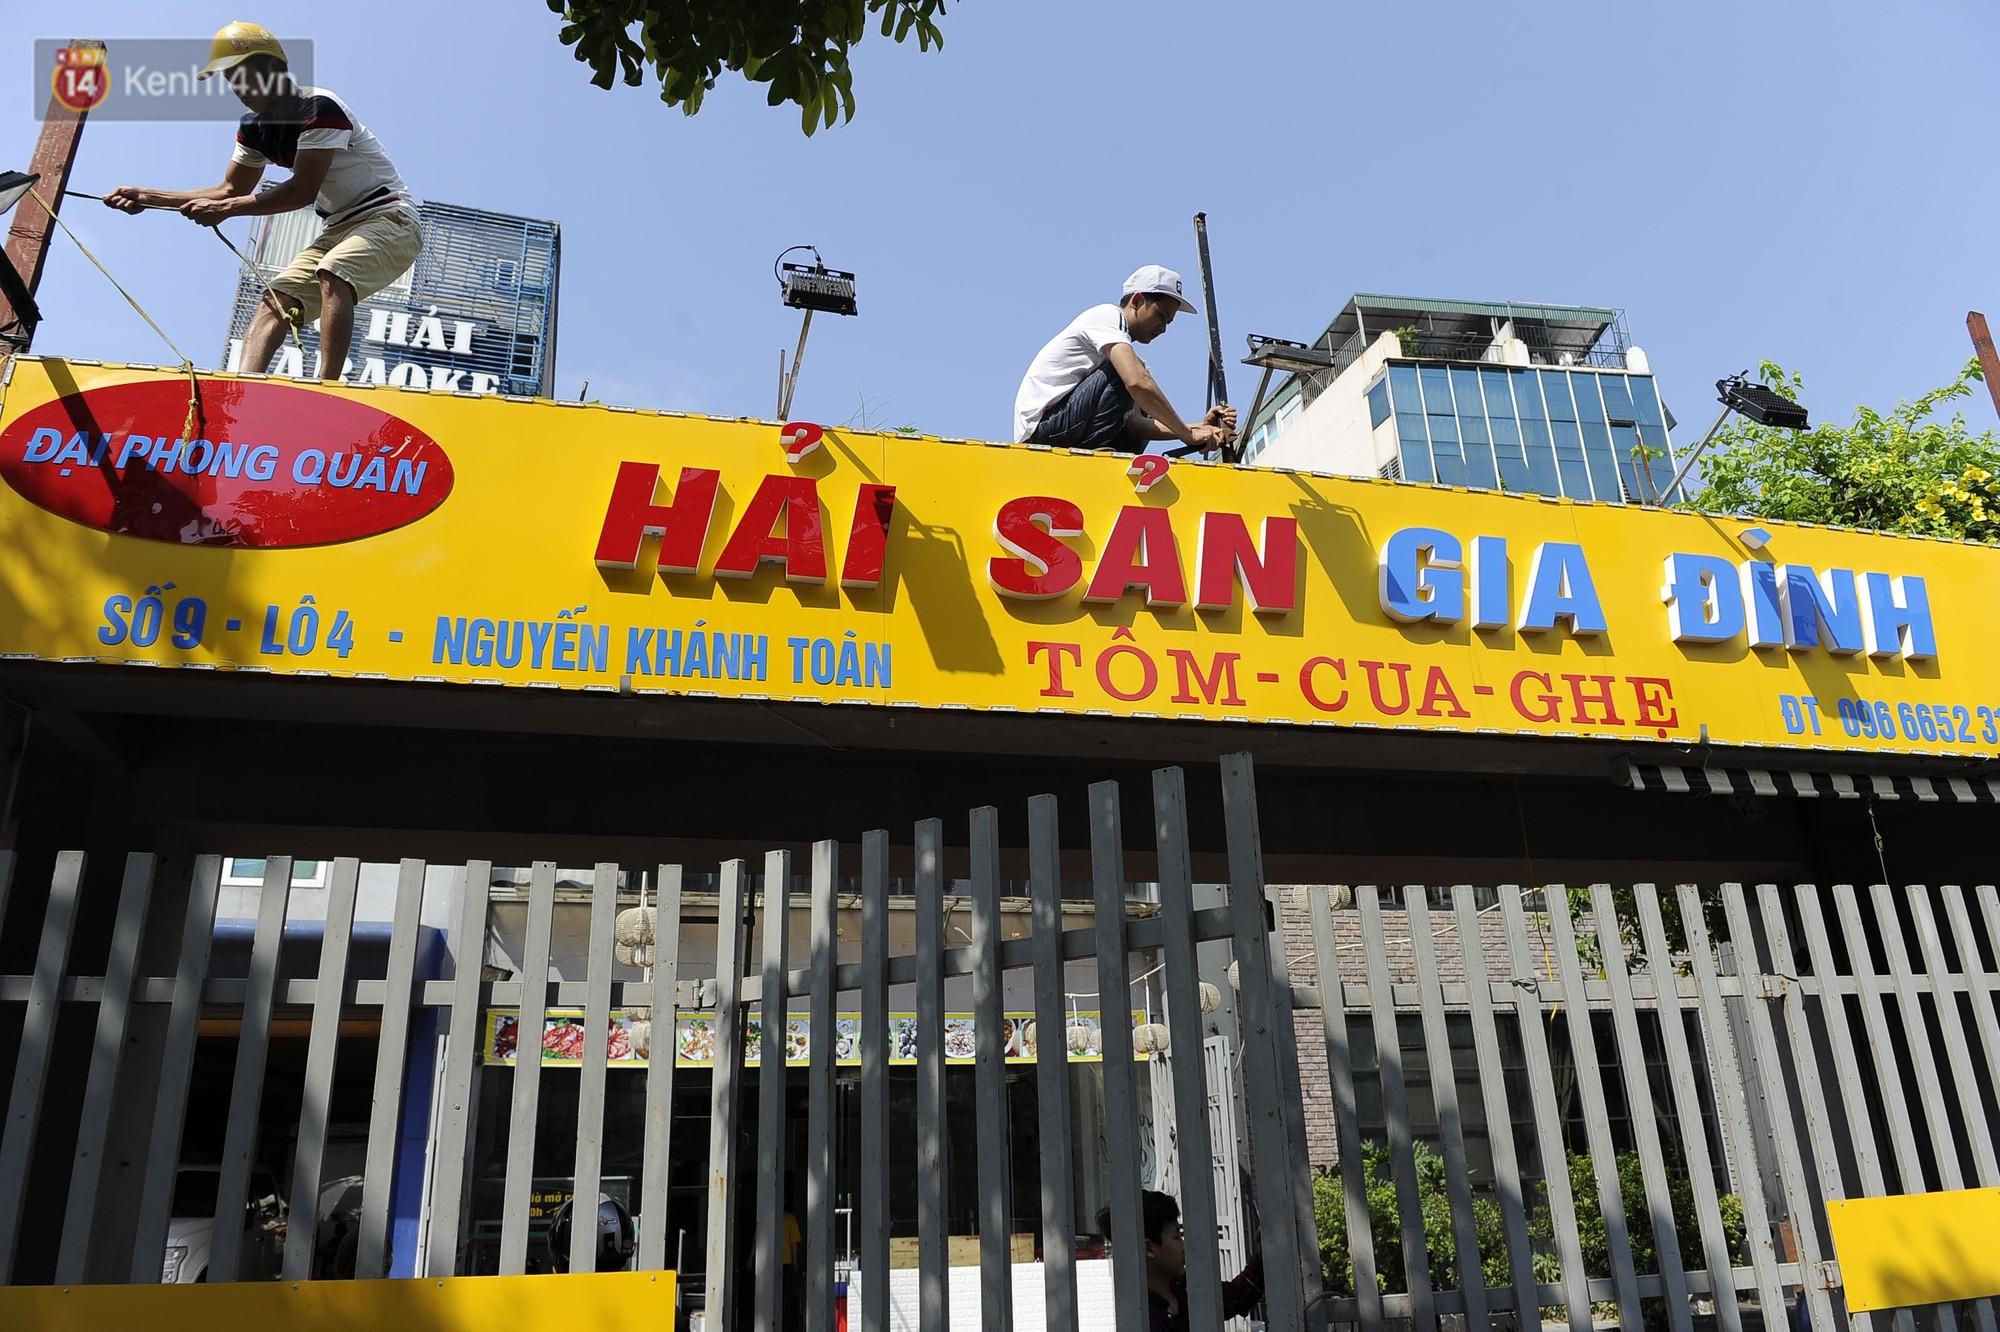 Hà Nội bắt đầu cưỡng chế 42 cơ sở kinh doanh vi phạm trật tự đô thị trên đất vàng Nguyễn Khánh Toàn - Ảnh 5.